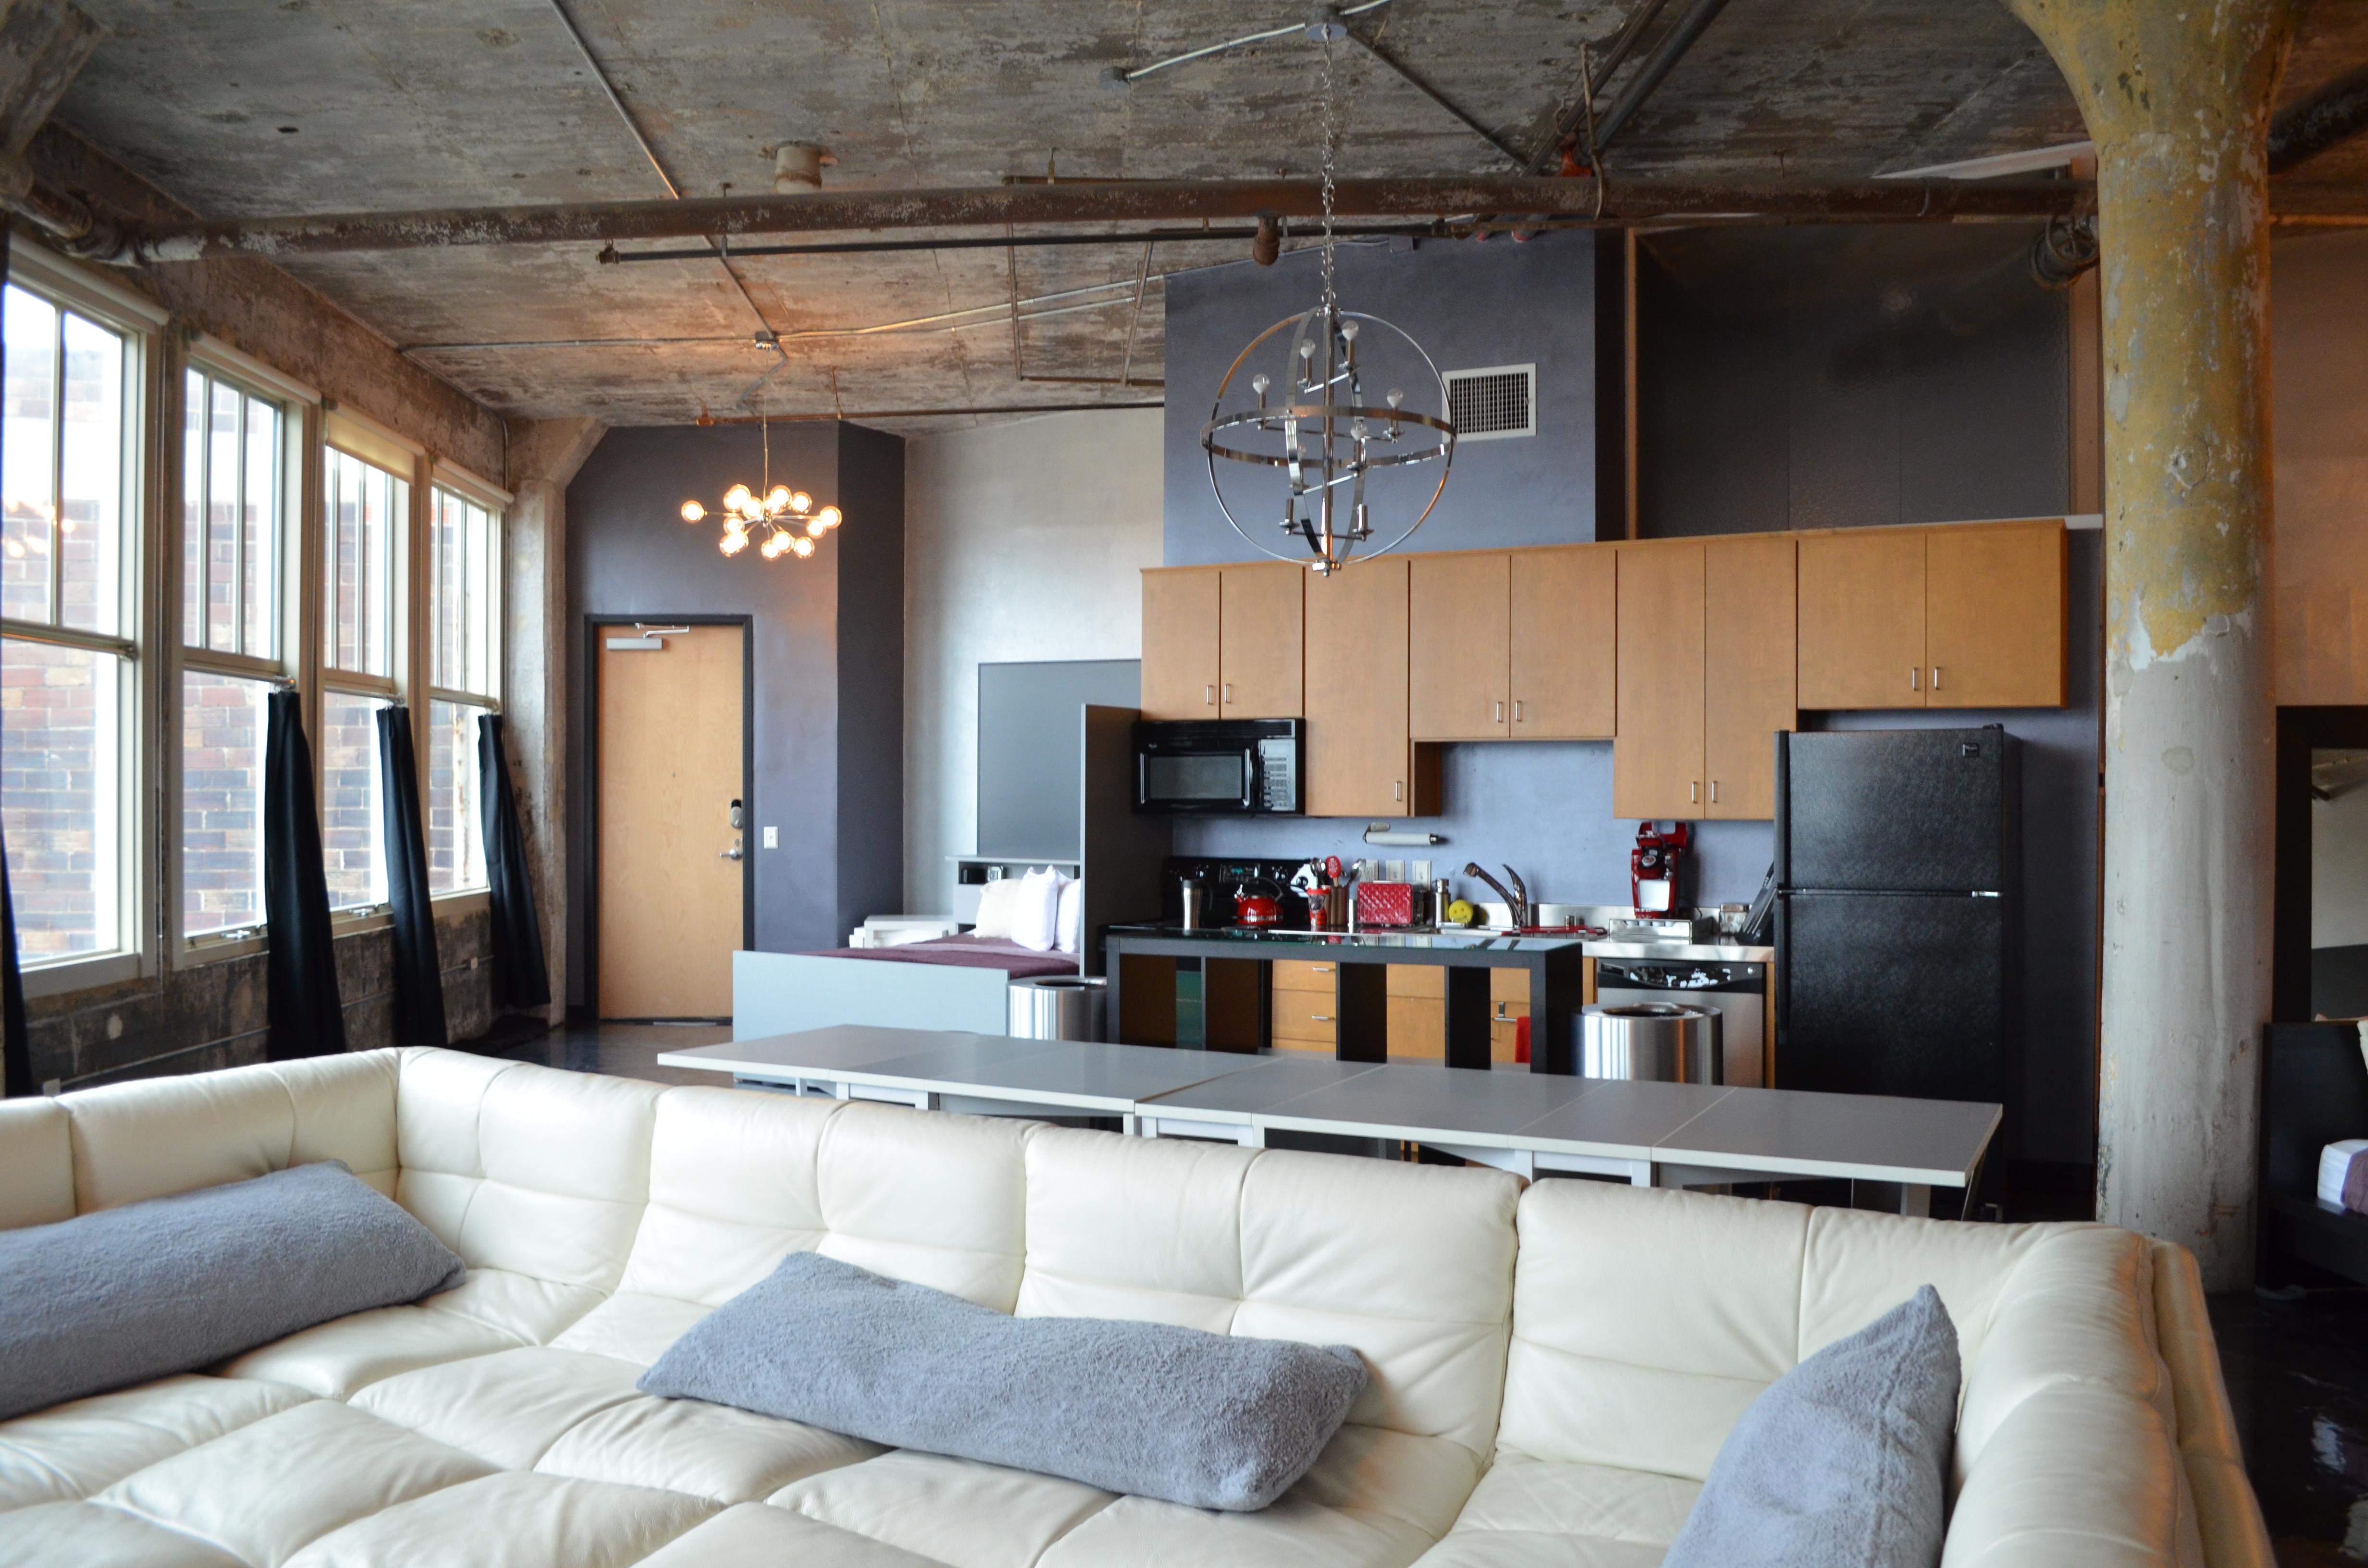 804 Sofa and Kitchen